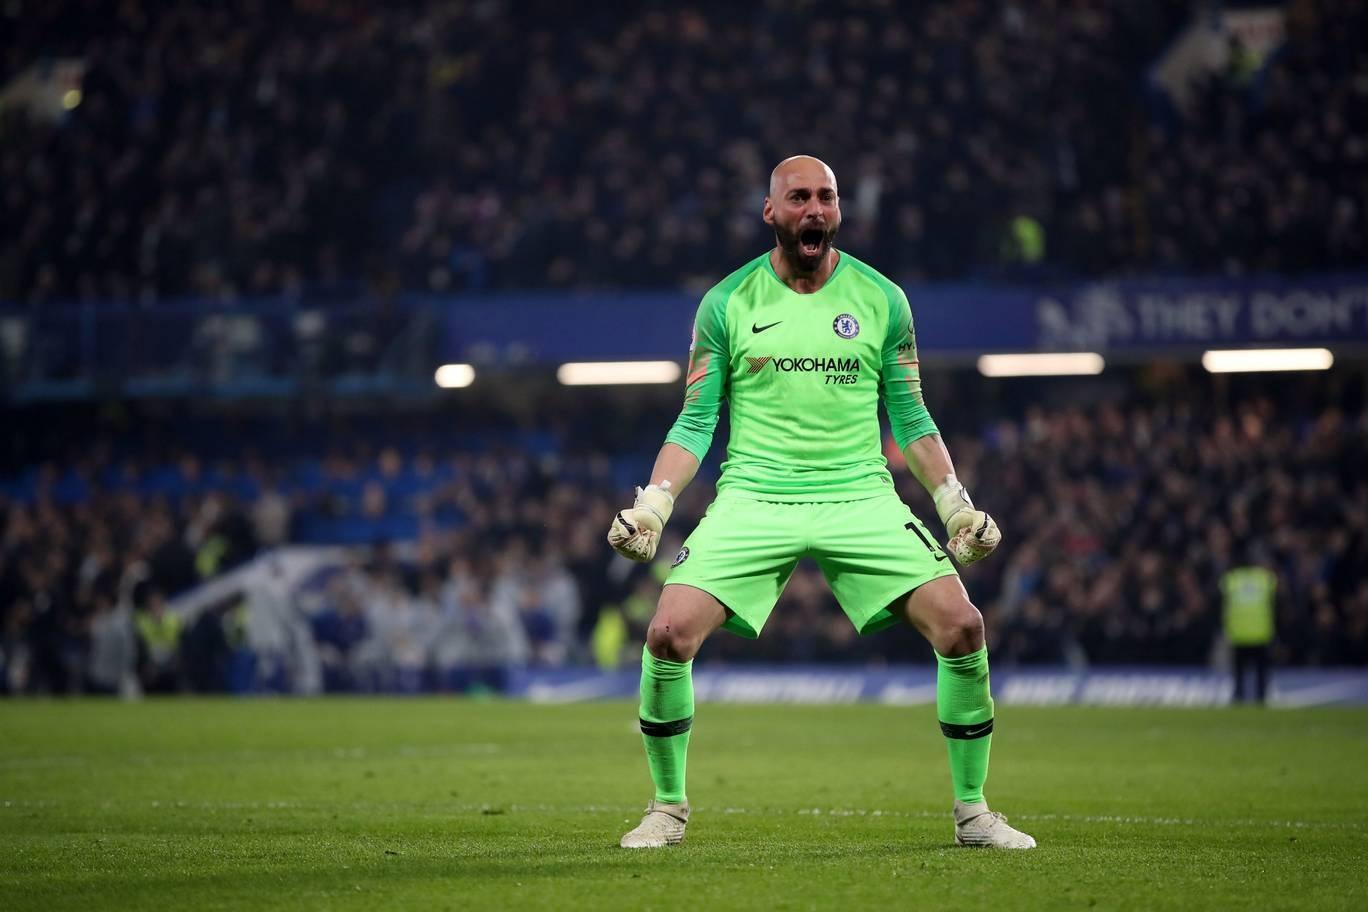 Những khoảnh khắc trong chiến thắng của Chelsea trước Tottenham